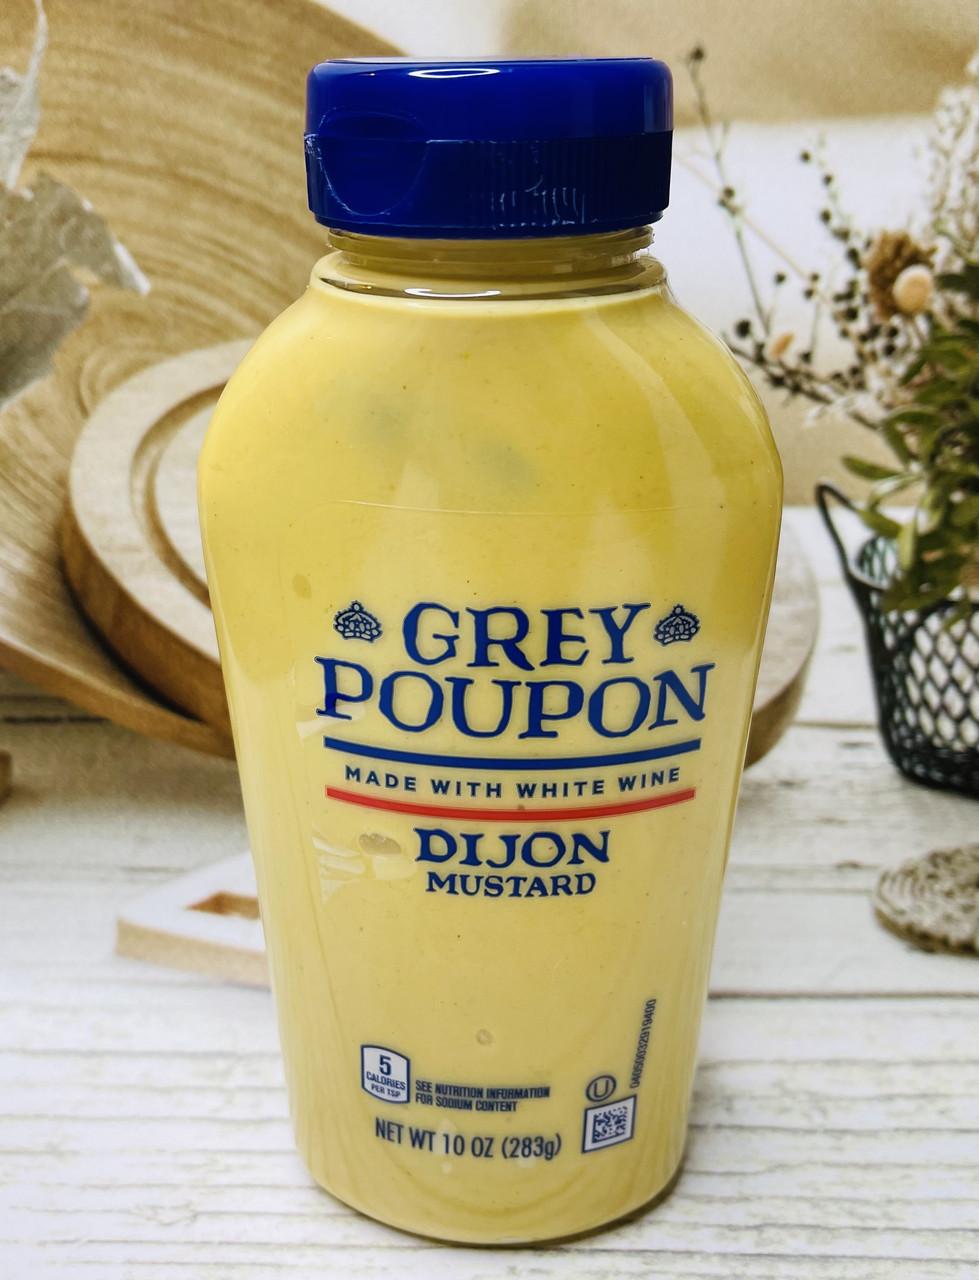 Гірчиця Grey Poupon Dijon Mustard настояна на білому вині